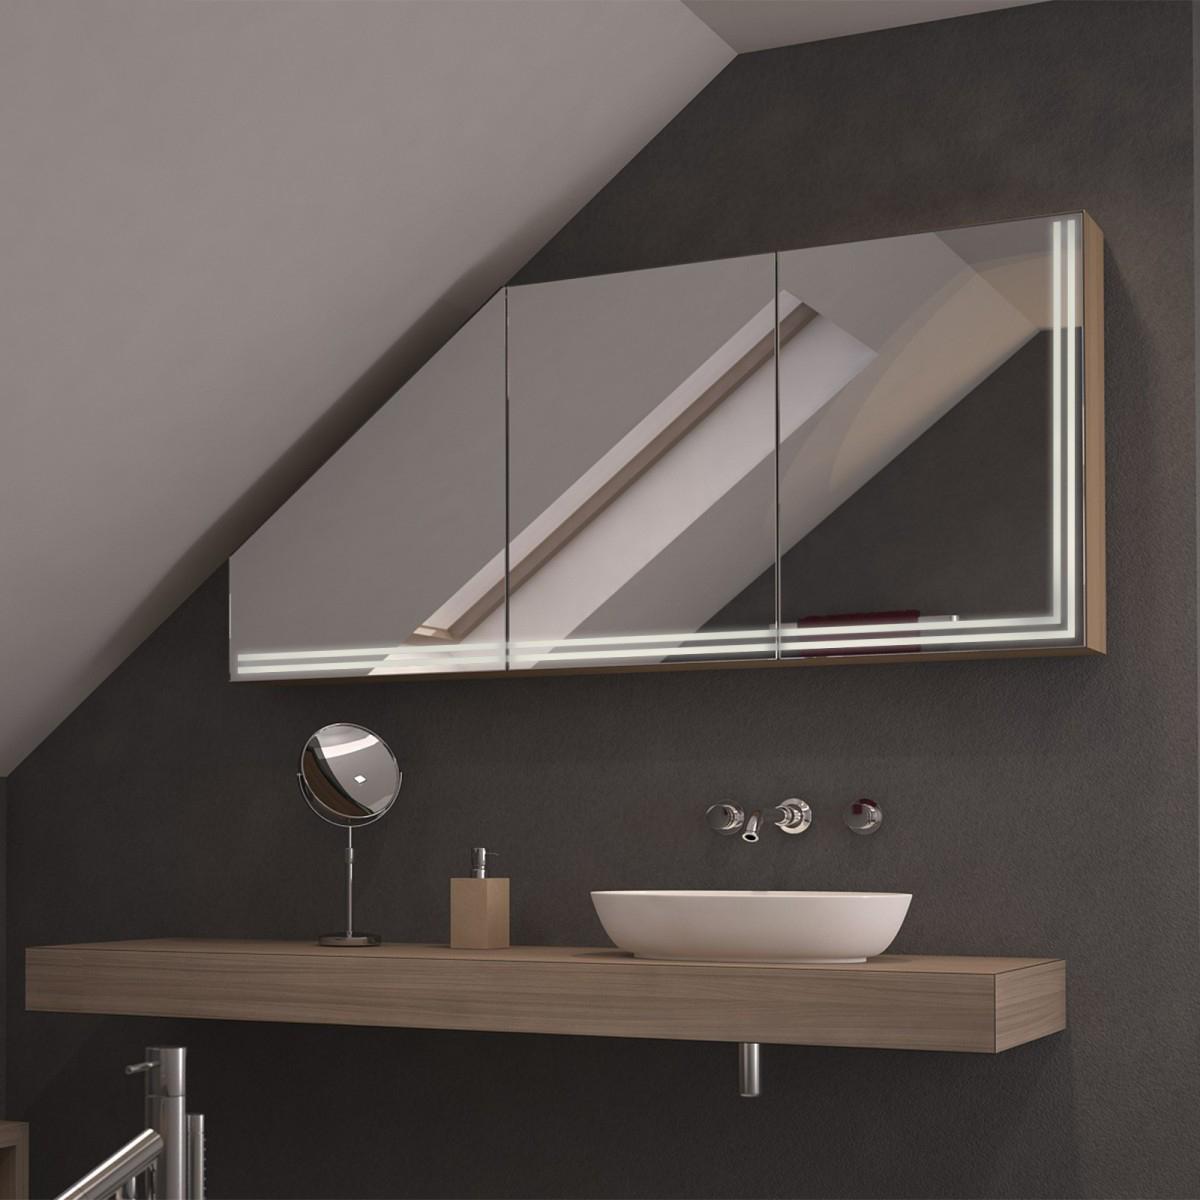 Dachschrägen-Spiegelschrank Anuba